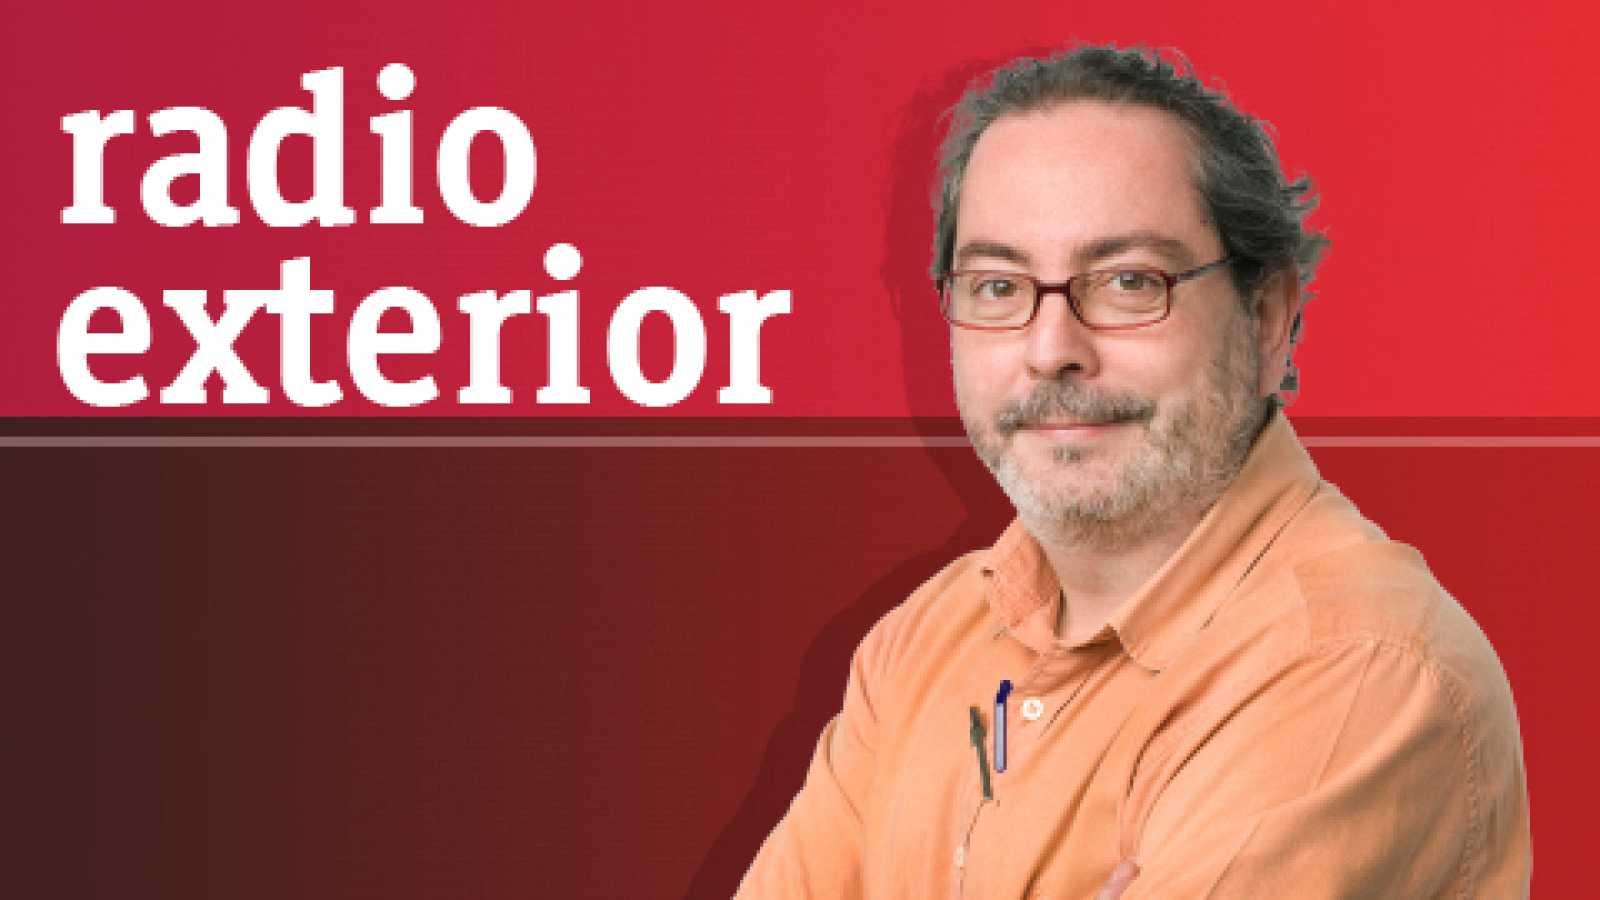 Amigos de Radio Exterior de España - Cuando escuchar Radio París te podía llevar a la cárcel - 19/03/18 - escuchar ahora